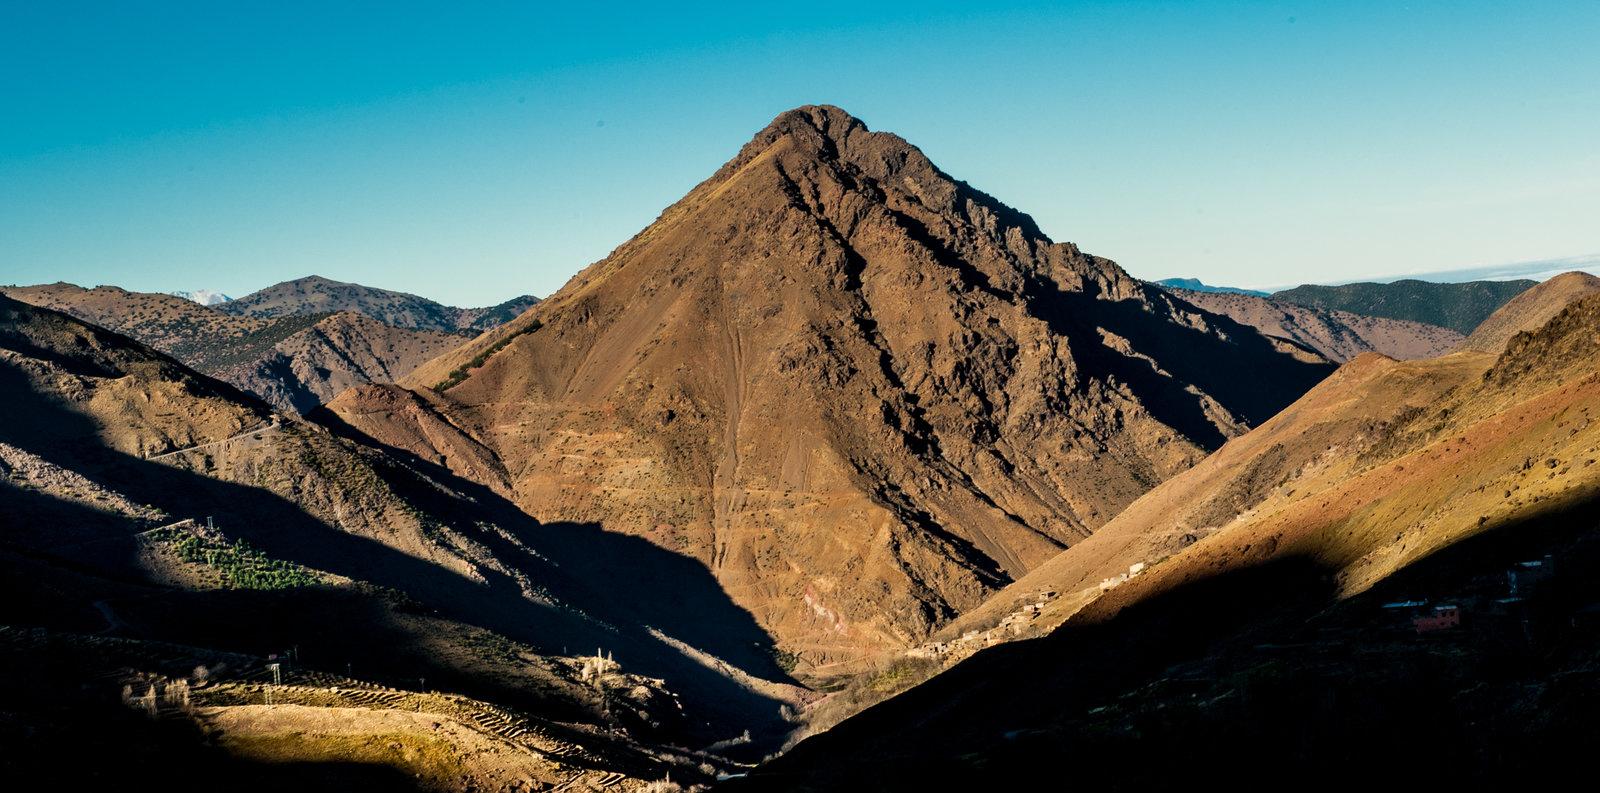 maroko-antyatlas-trekking-marrakesz-9